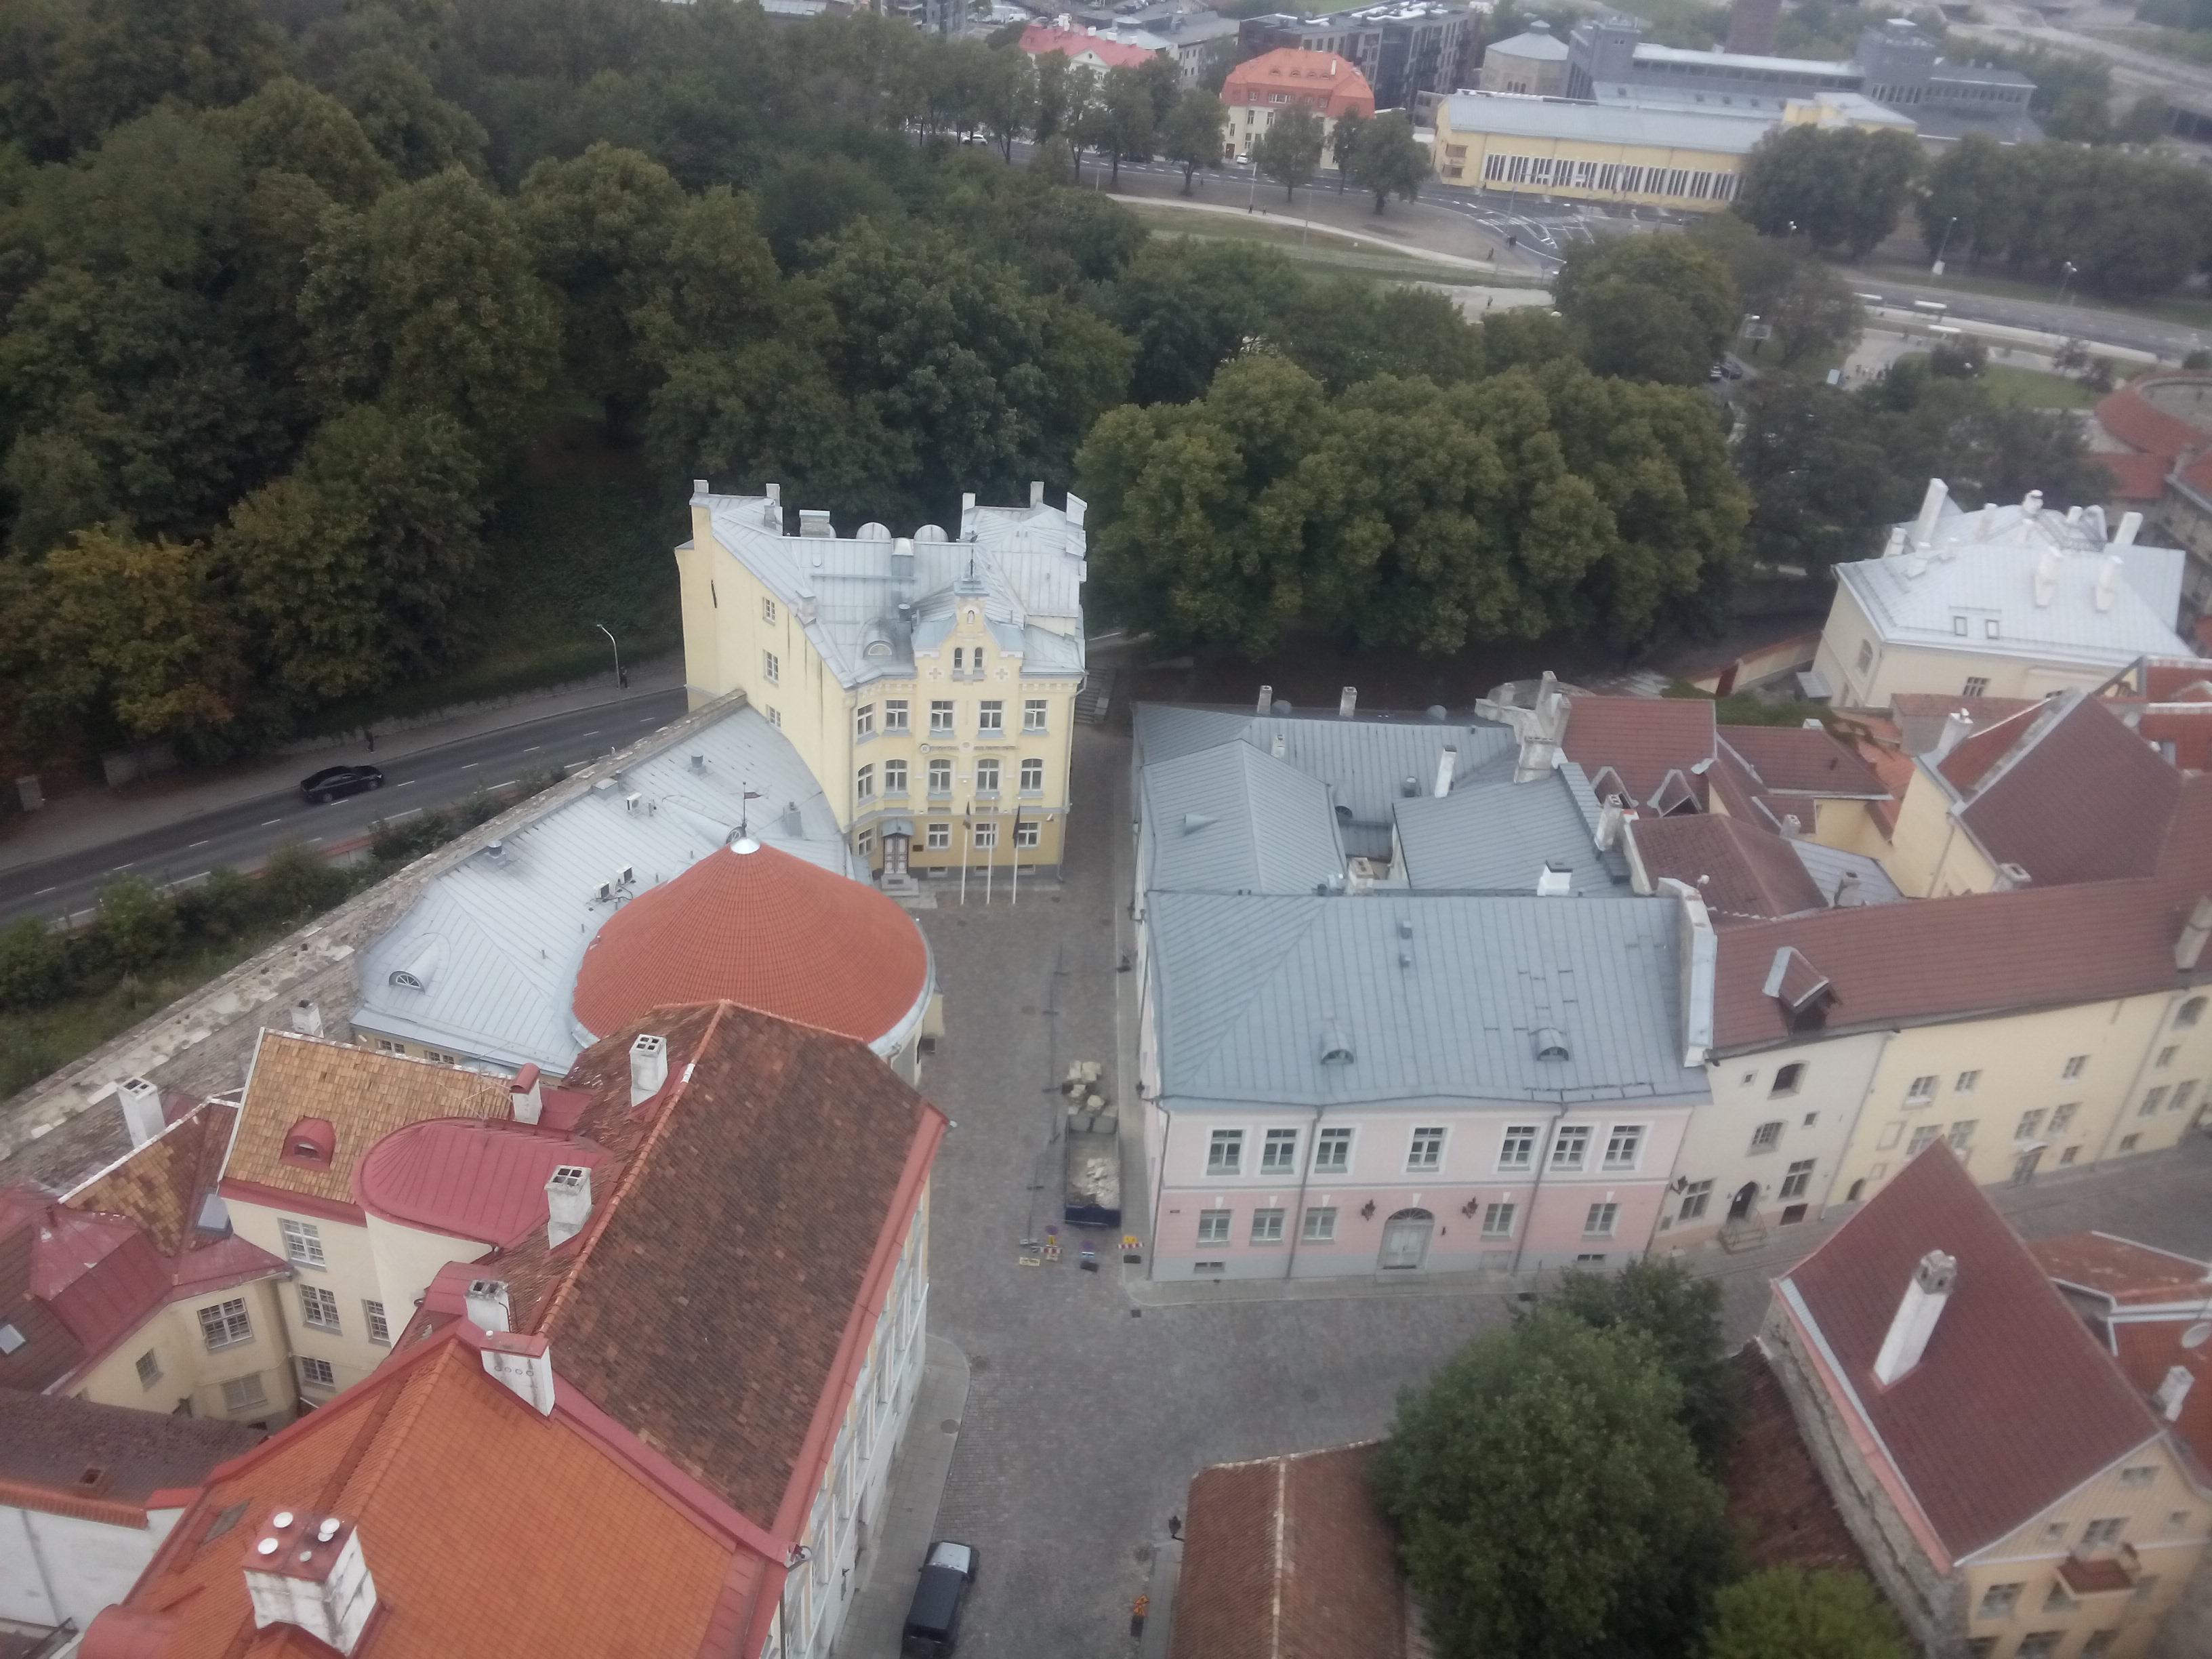 https://i.amy.gy/201808-estonia/IMG_20180825_172215.jpg